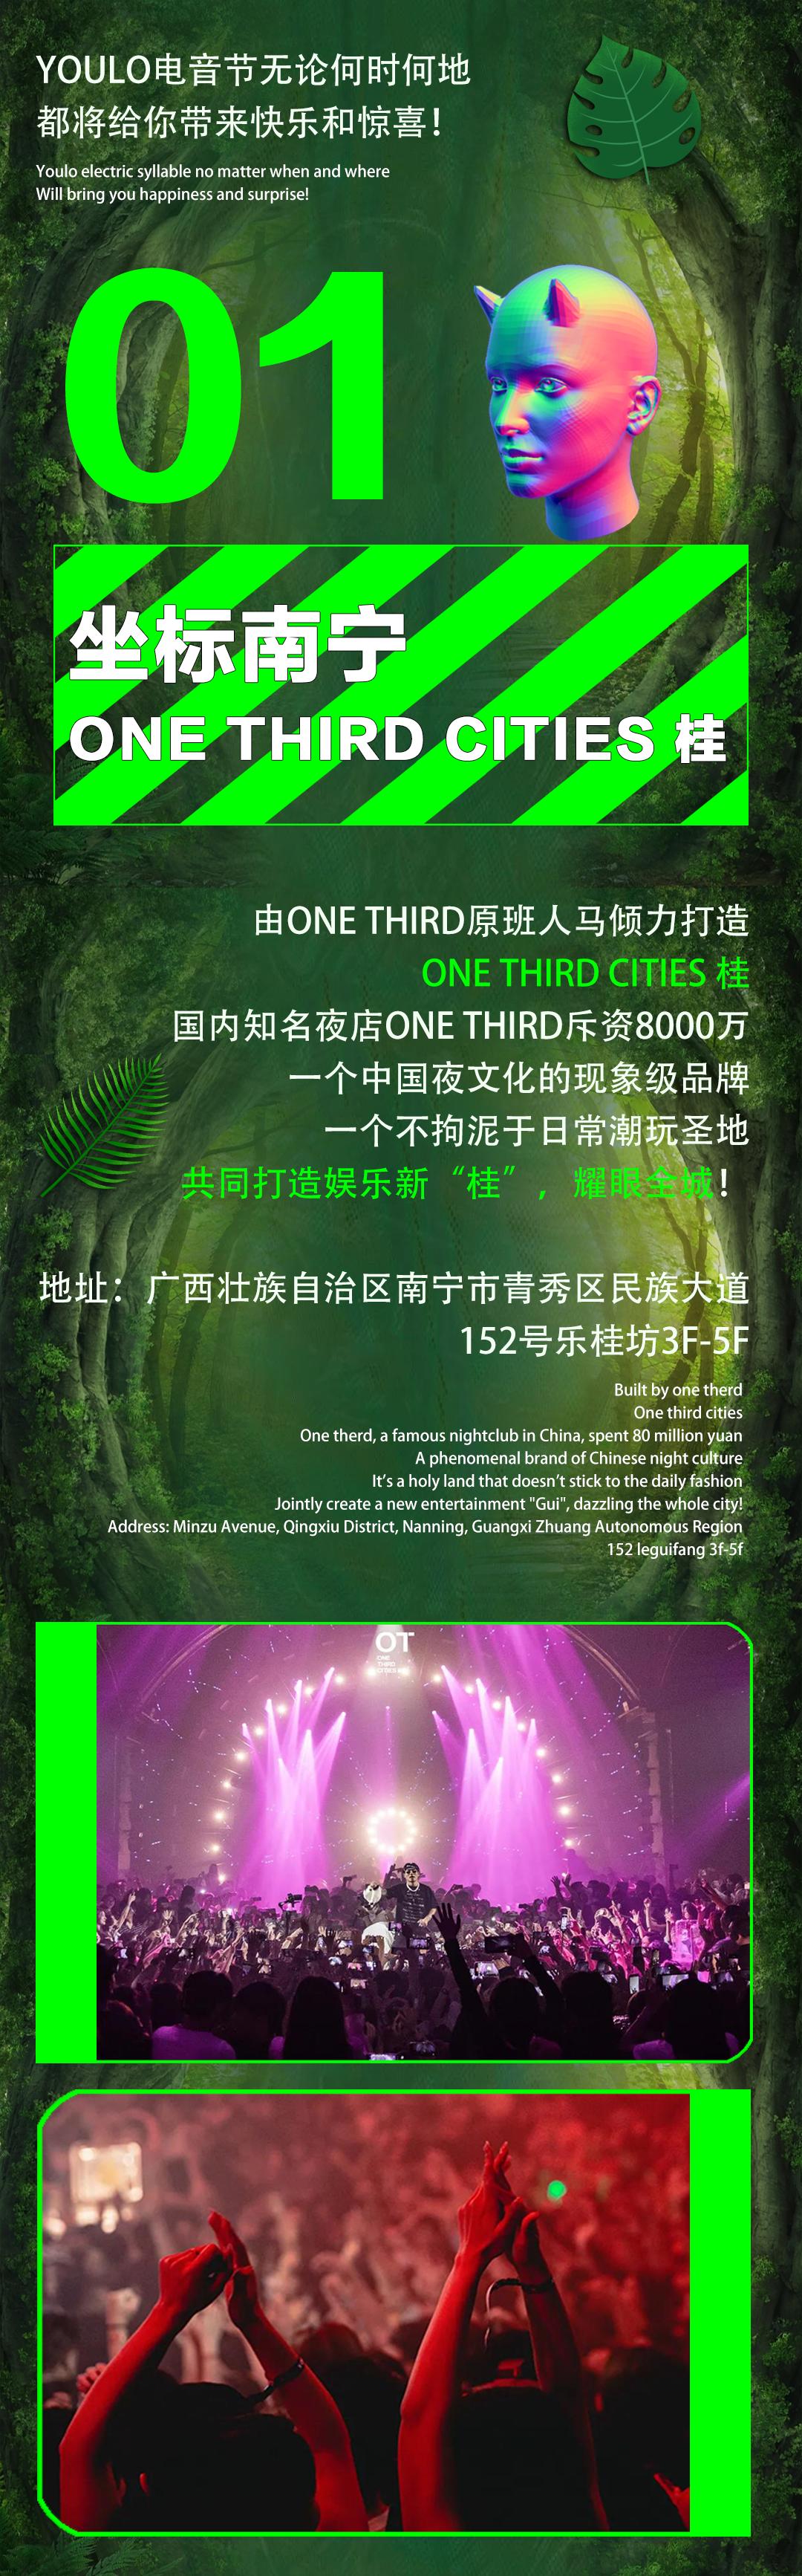 2021YOULO丛林电音节-南宁站